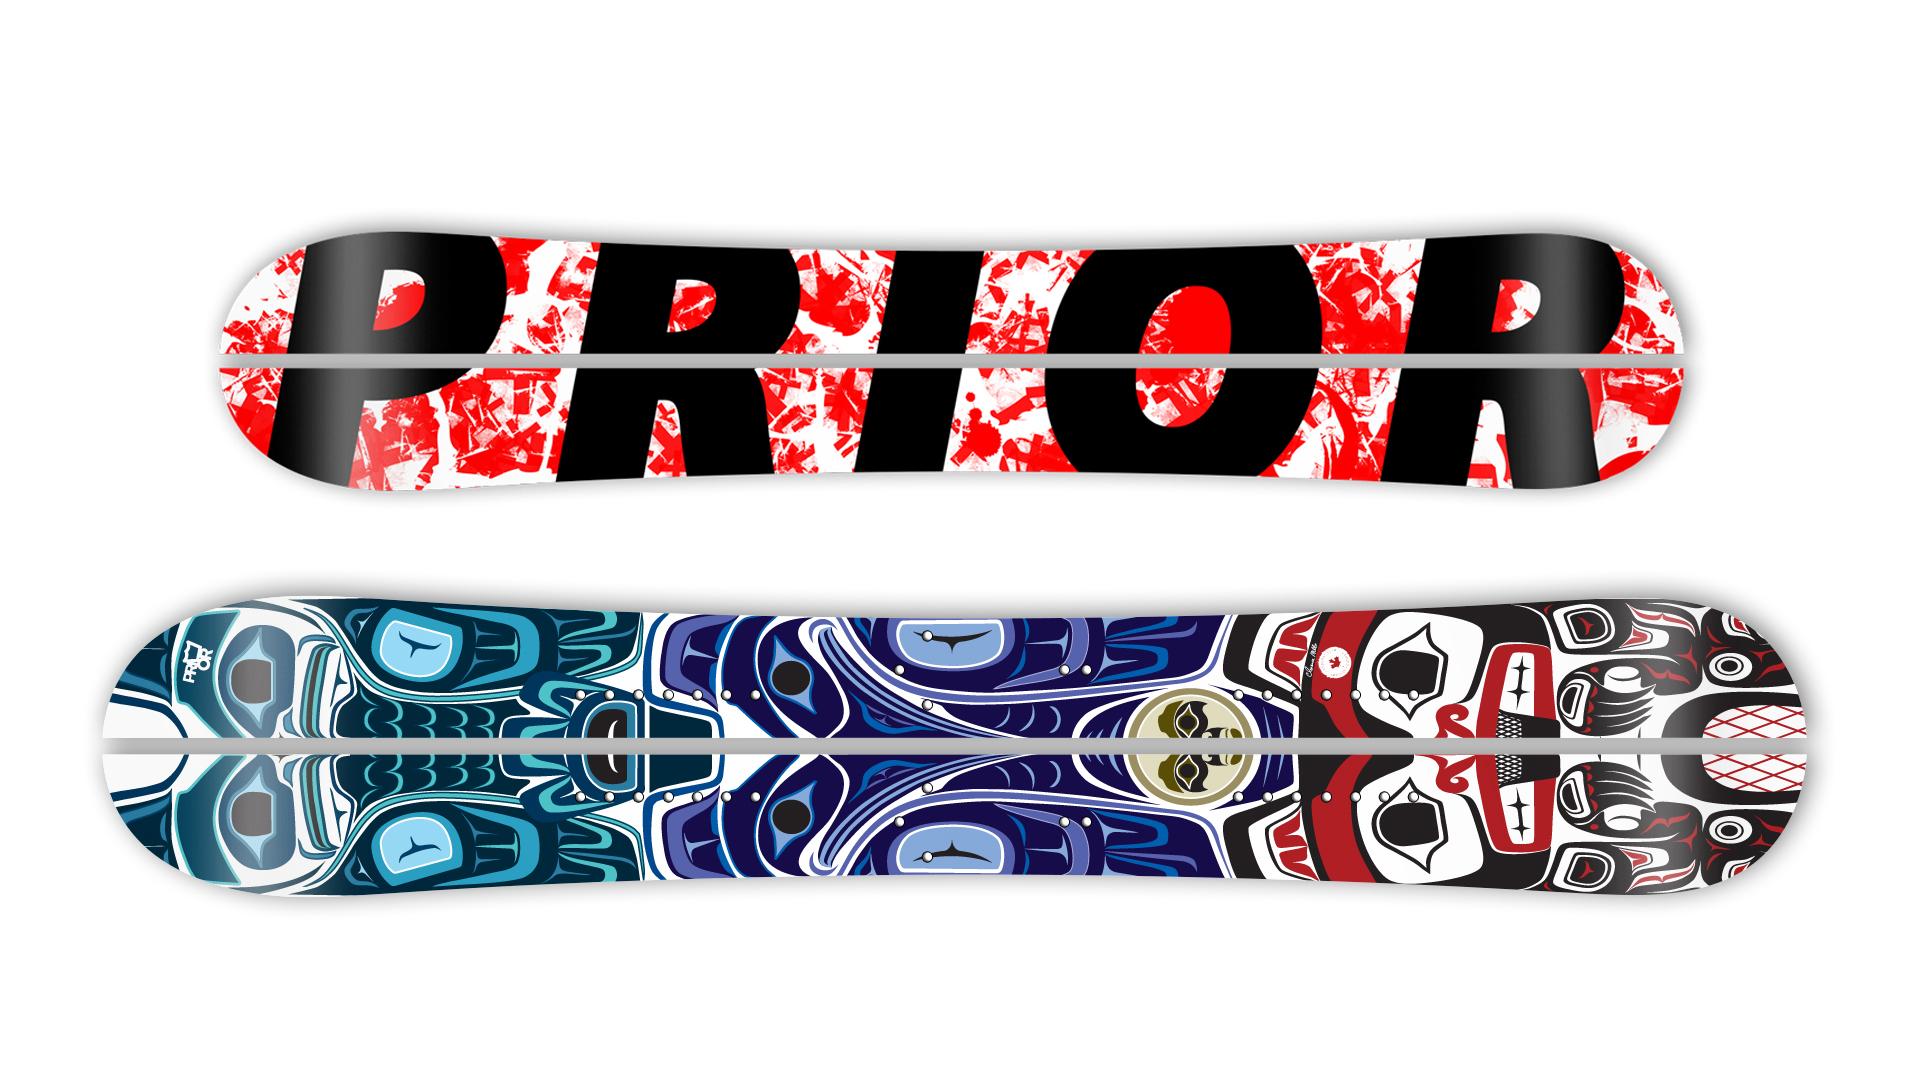 Das Prior Splitboard Modell Backcountry ist das Original und der Klassiker der kanadischen Edelschmiede. In XTC Carbon Bauweise wiegt's nur noch 3000 Gramm.